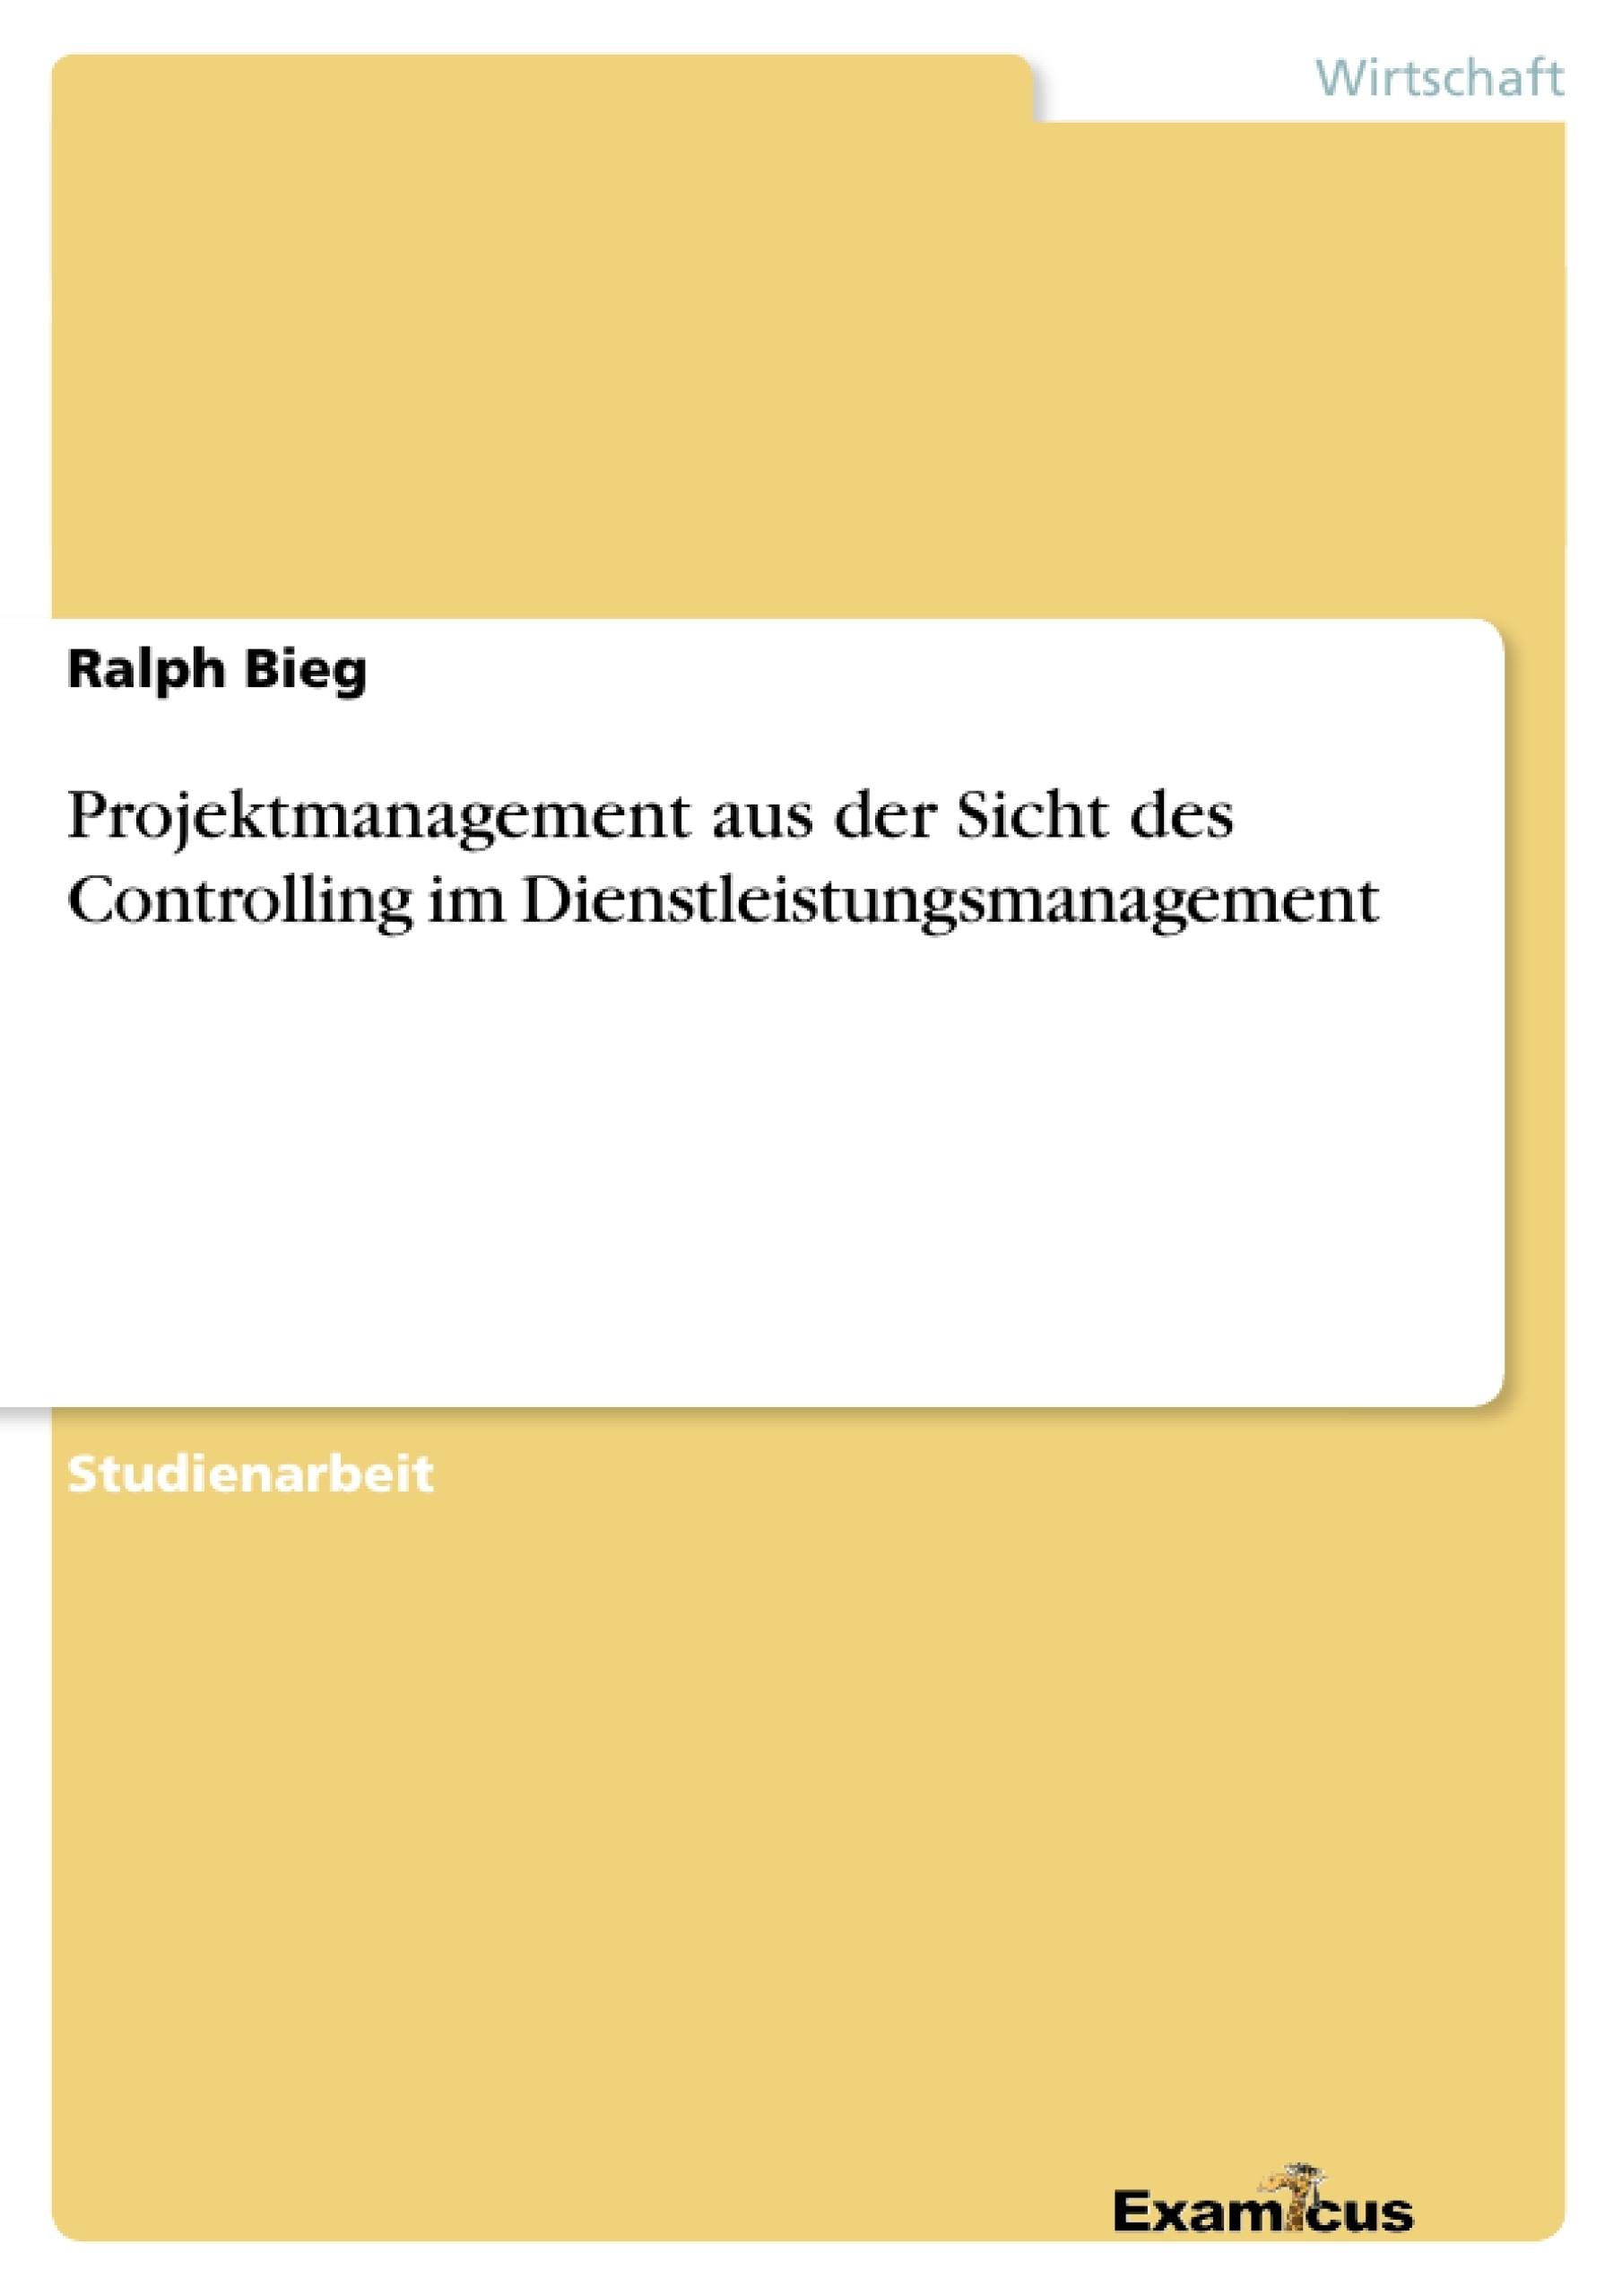 Titel: Projektmanagement aus der Sicht des Controlling im Dienstleistungsmanagement